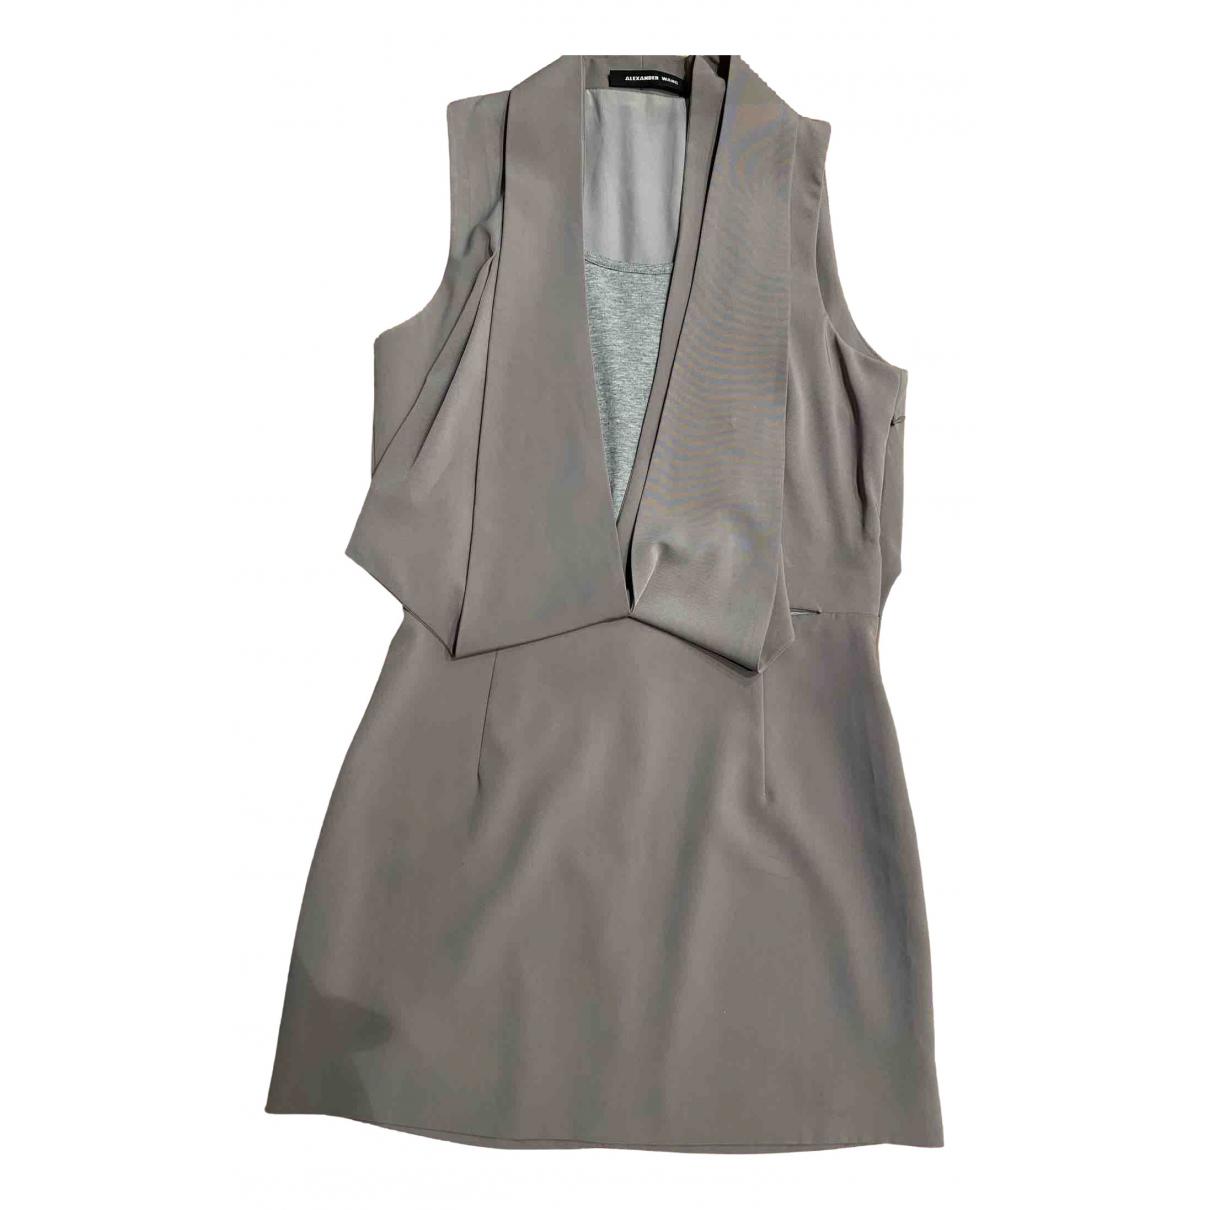 Alexander Wang \N Beige Cotton dress for Women 36 FR